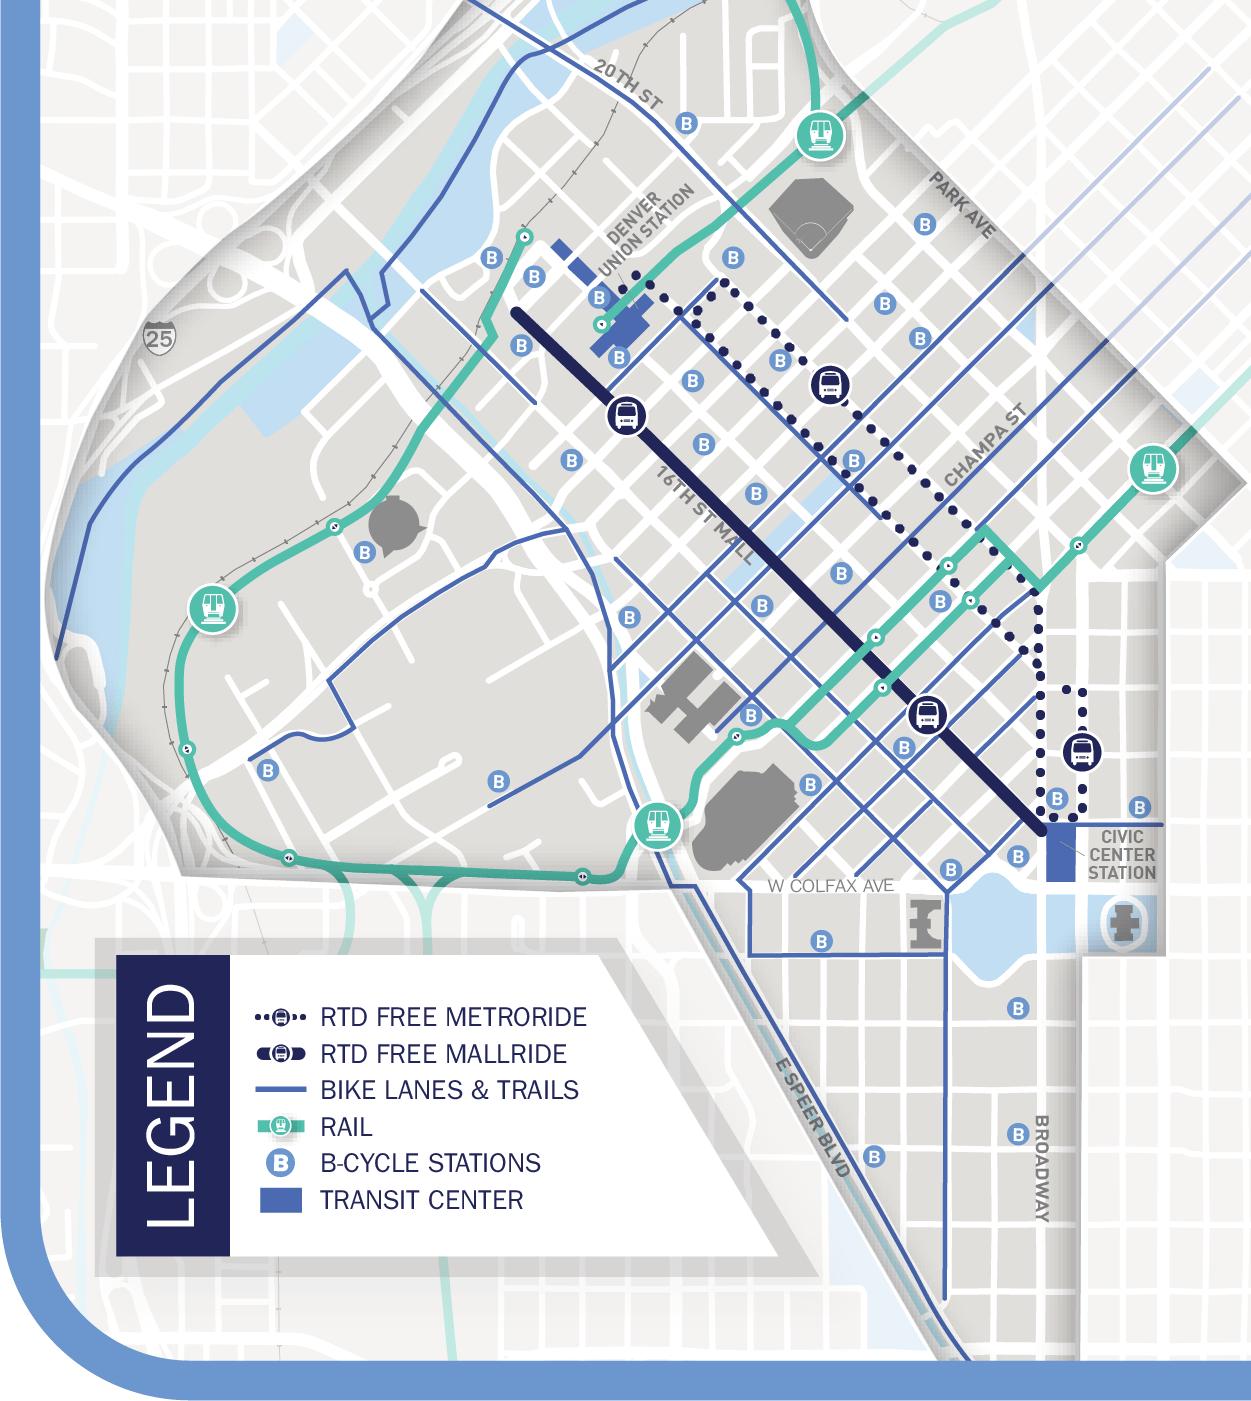 Commuter Survey 2018 Mobility Map